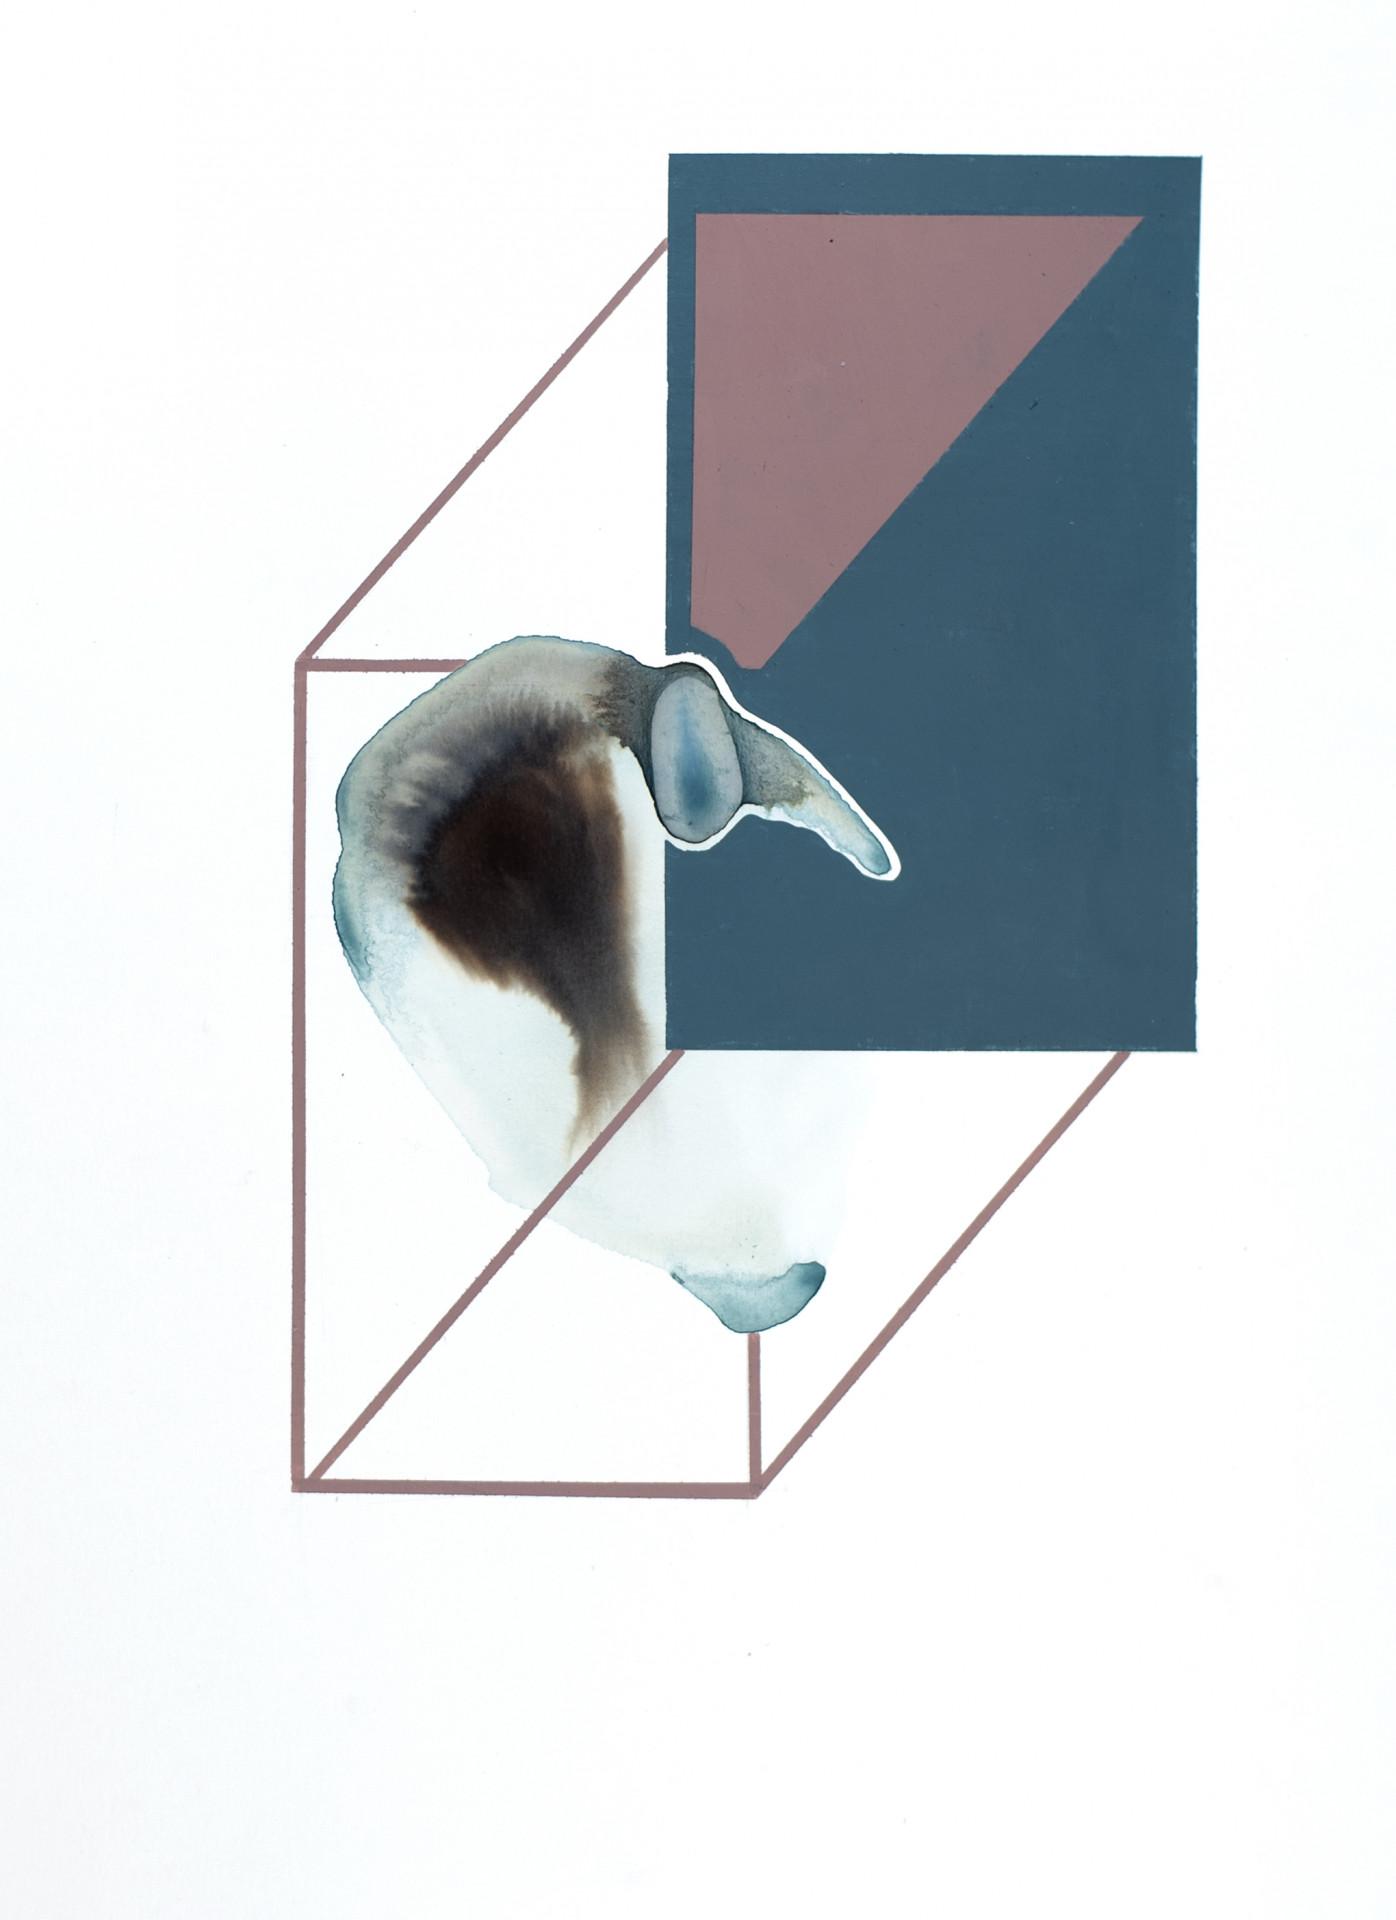 Axppereil / Genus Nro SE023